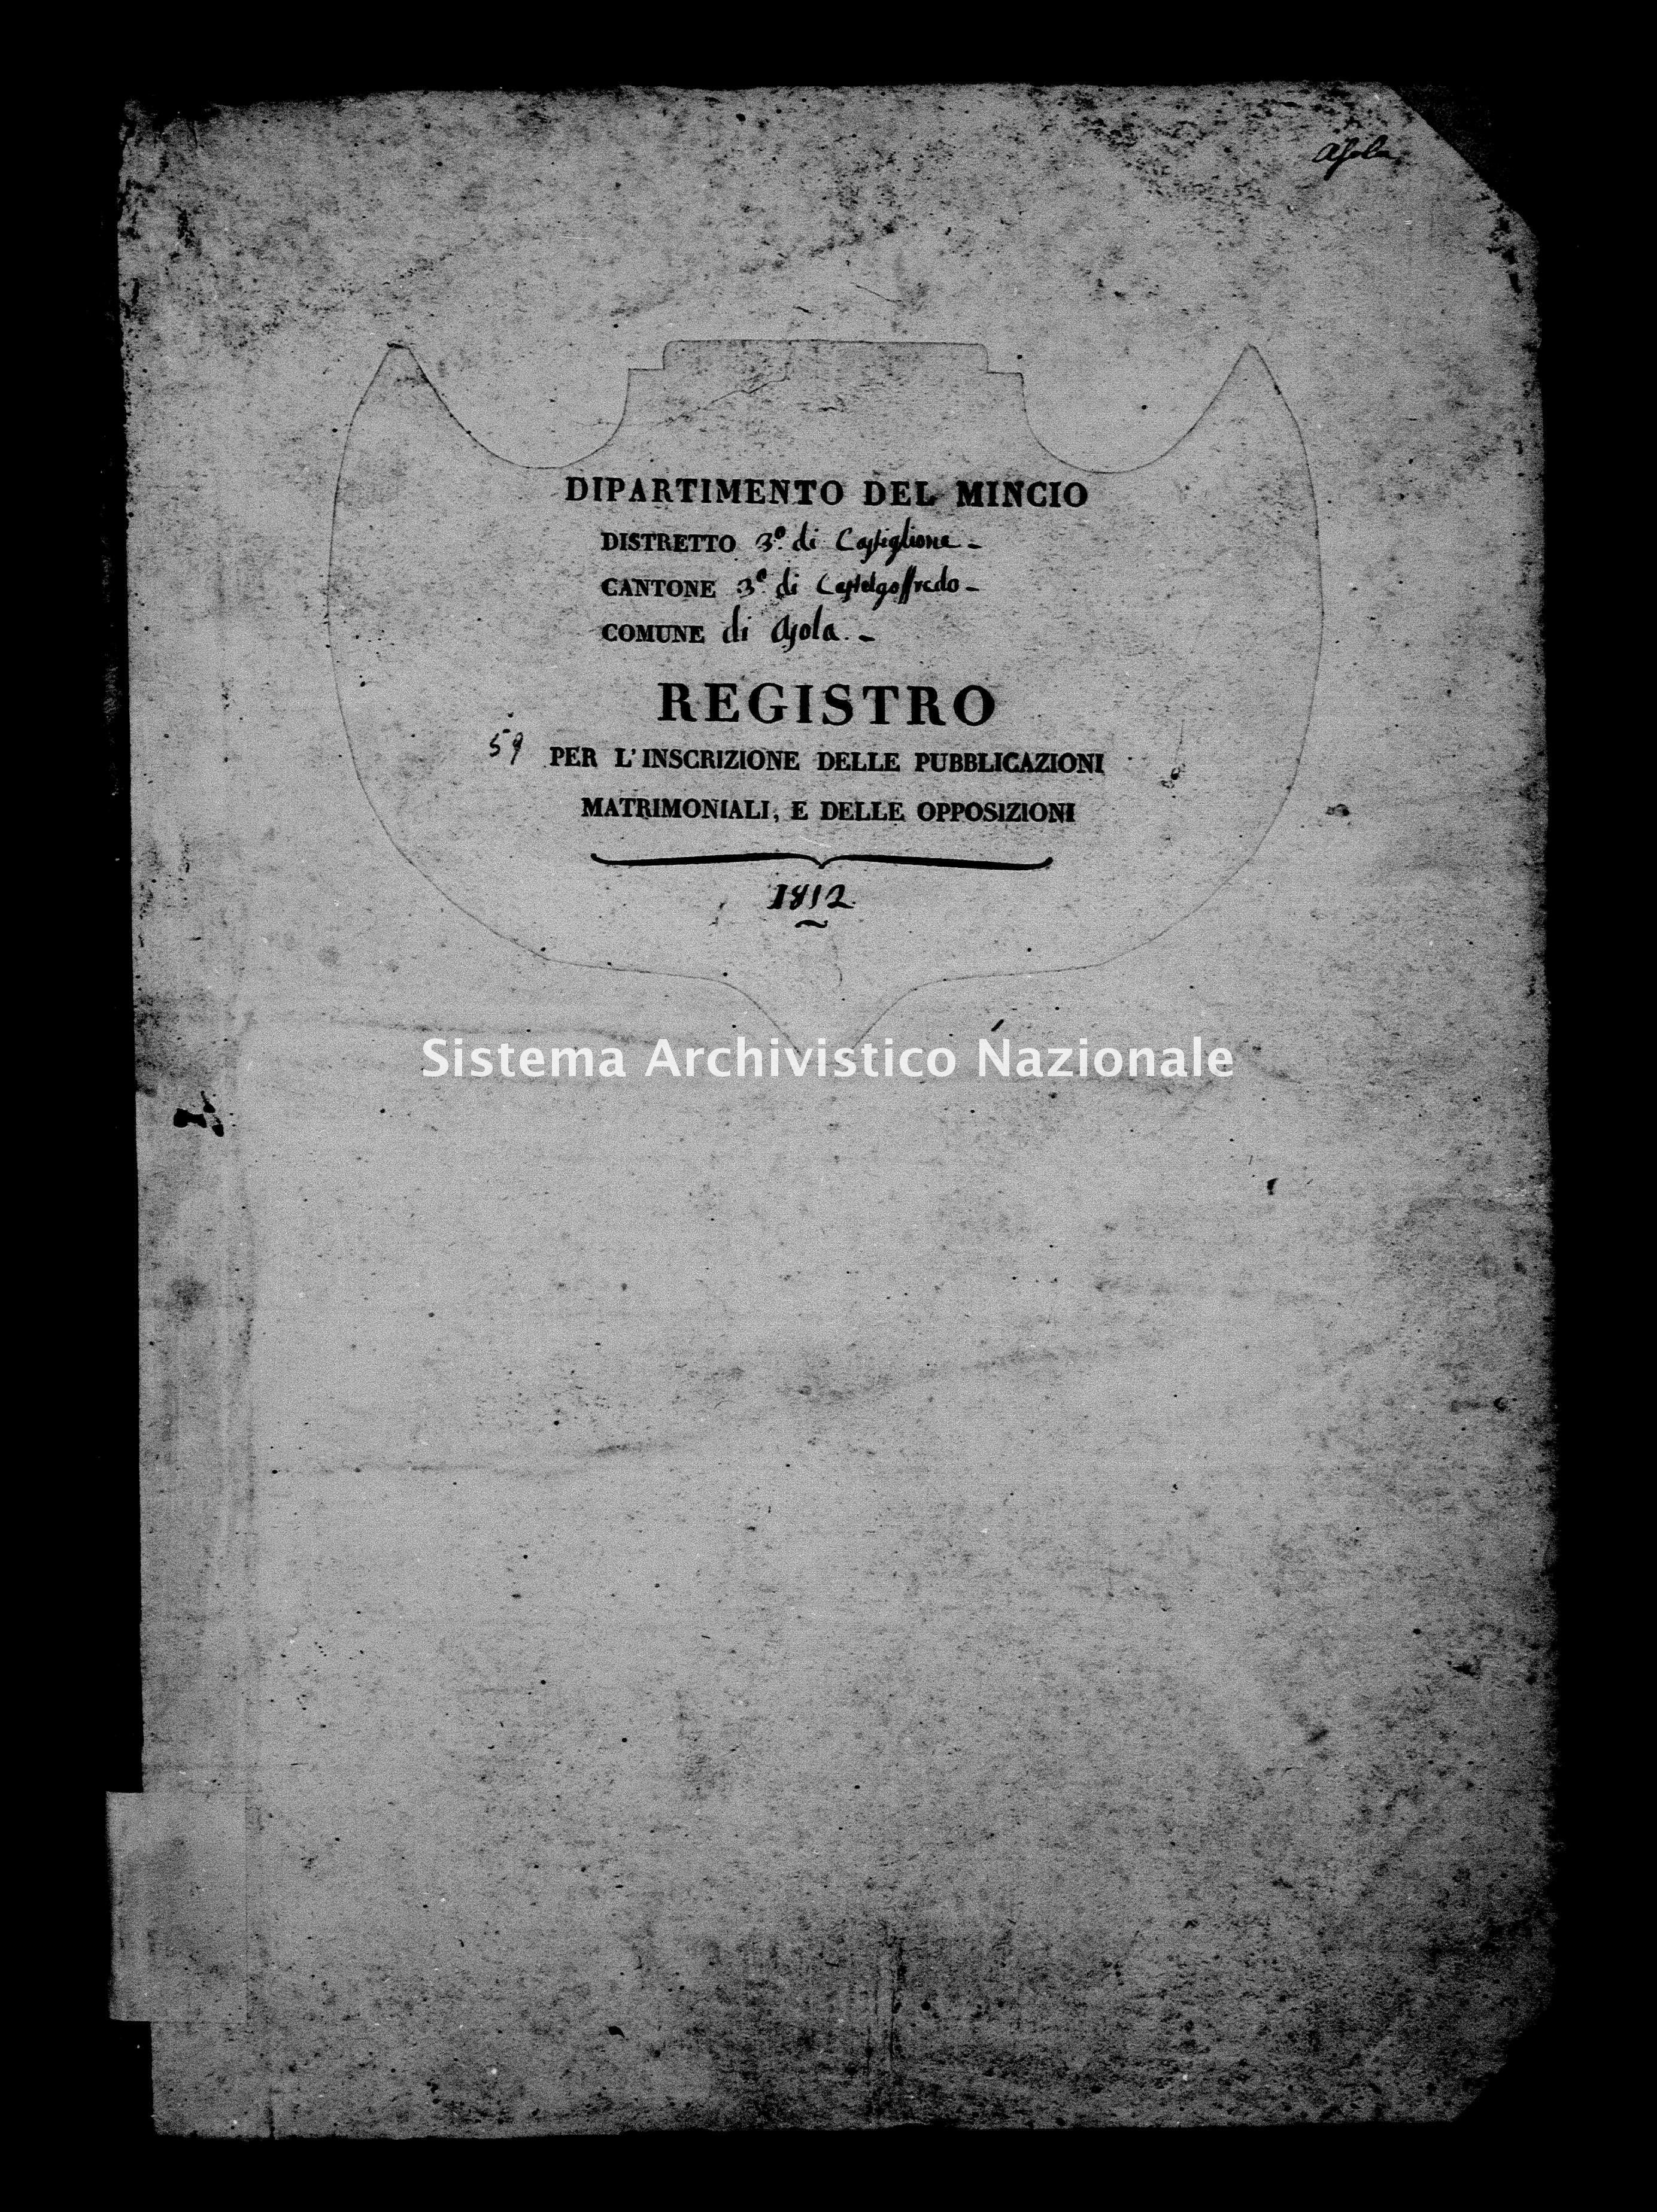 Archivio di stato di Mantova - Stato civile e anagrafe del Dipartimento del Mincio - Asola - Matrimoni pubblicazioni e opposizioni - 1812 - 59 -